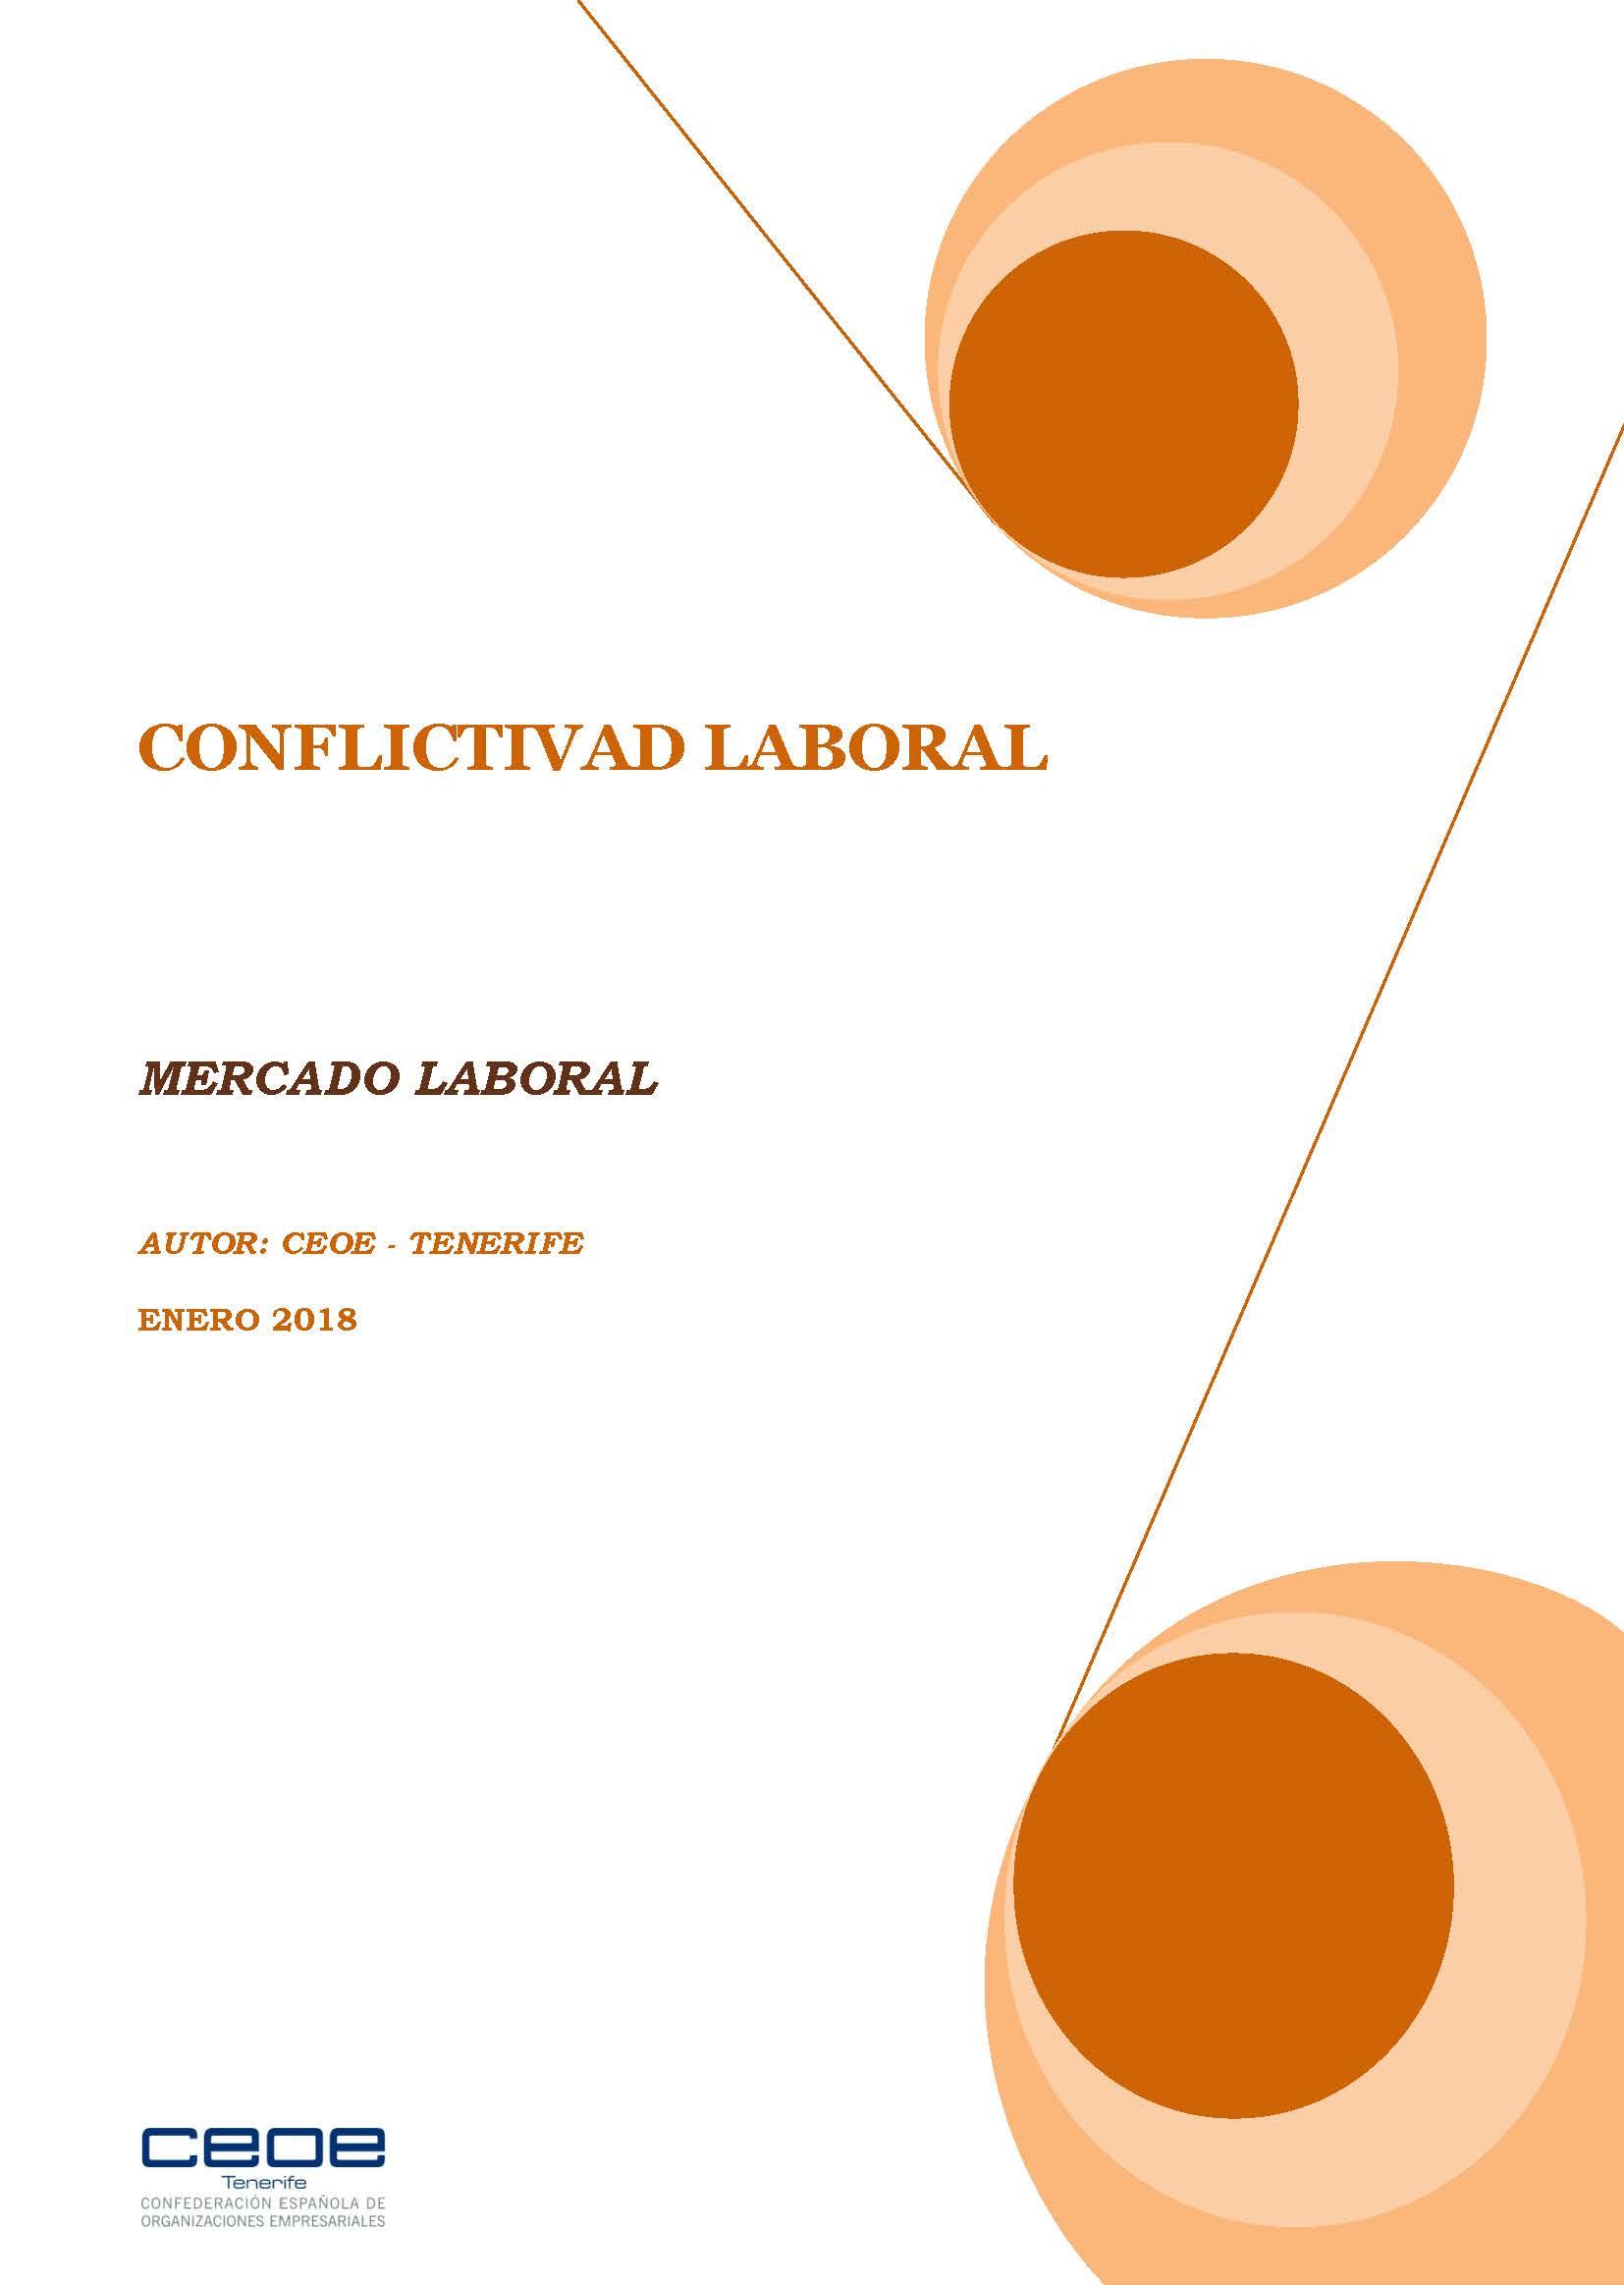 MERCADO LABORAL - CONFLICTIVIDAD LABORAL EN2018